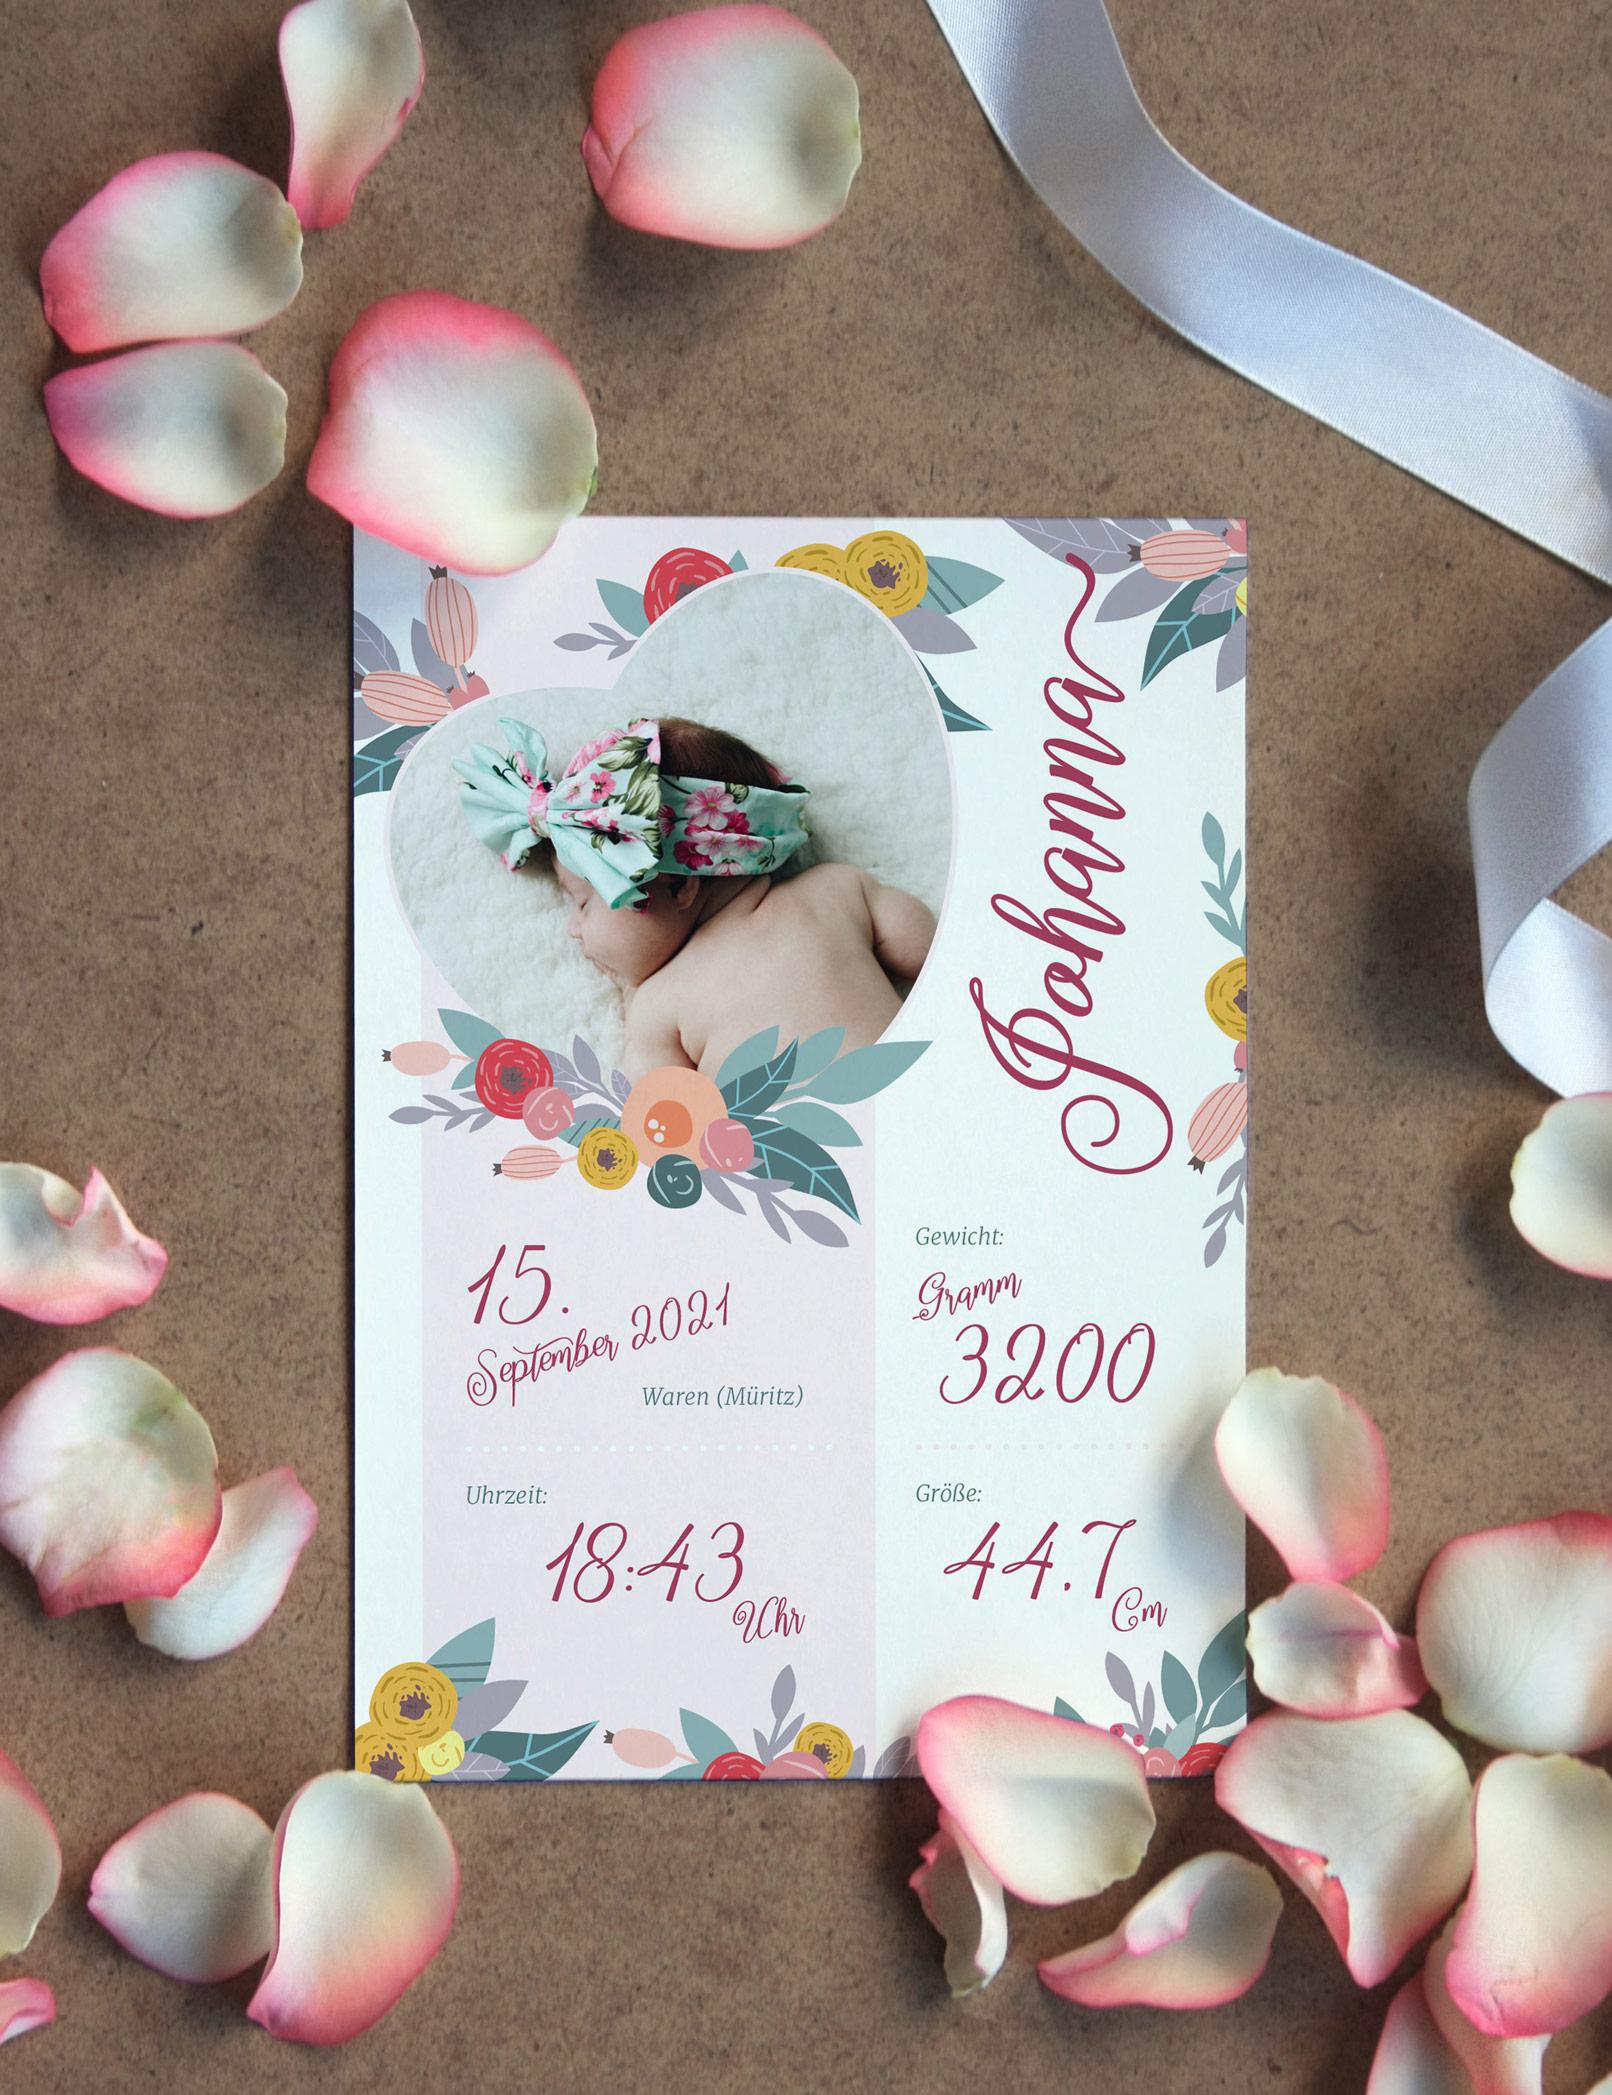 Kreative Geburtskarten-Vorlage in einem floralen Design, von Rosenblättern umgeben